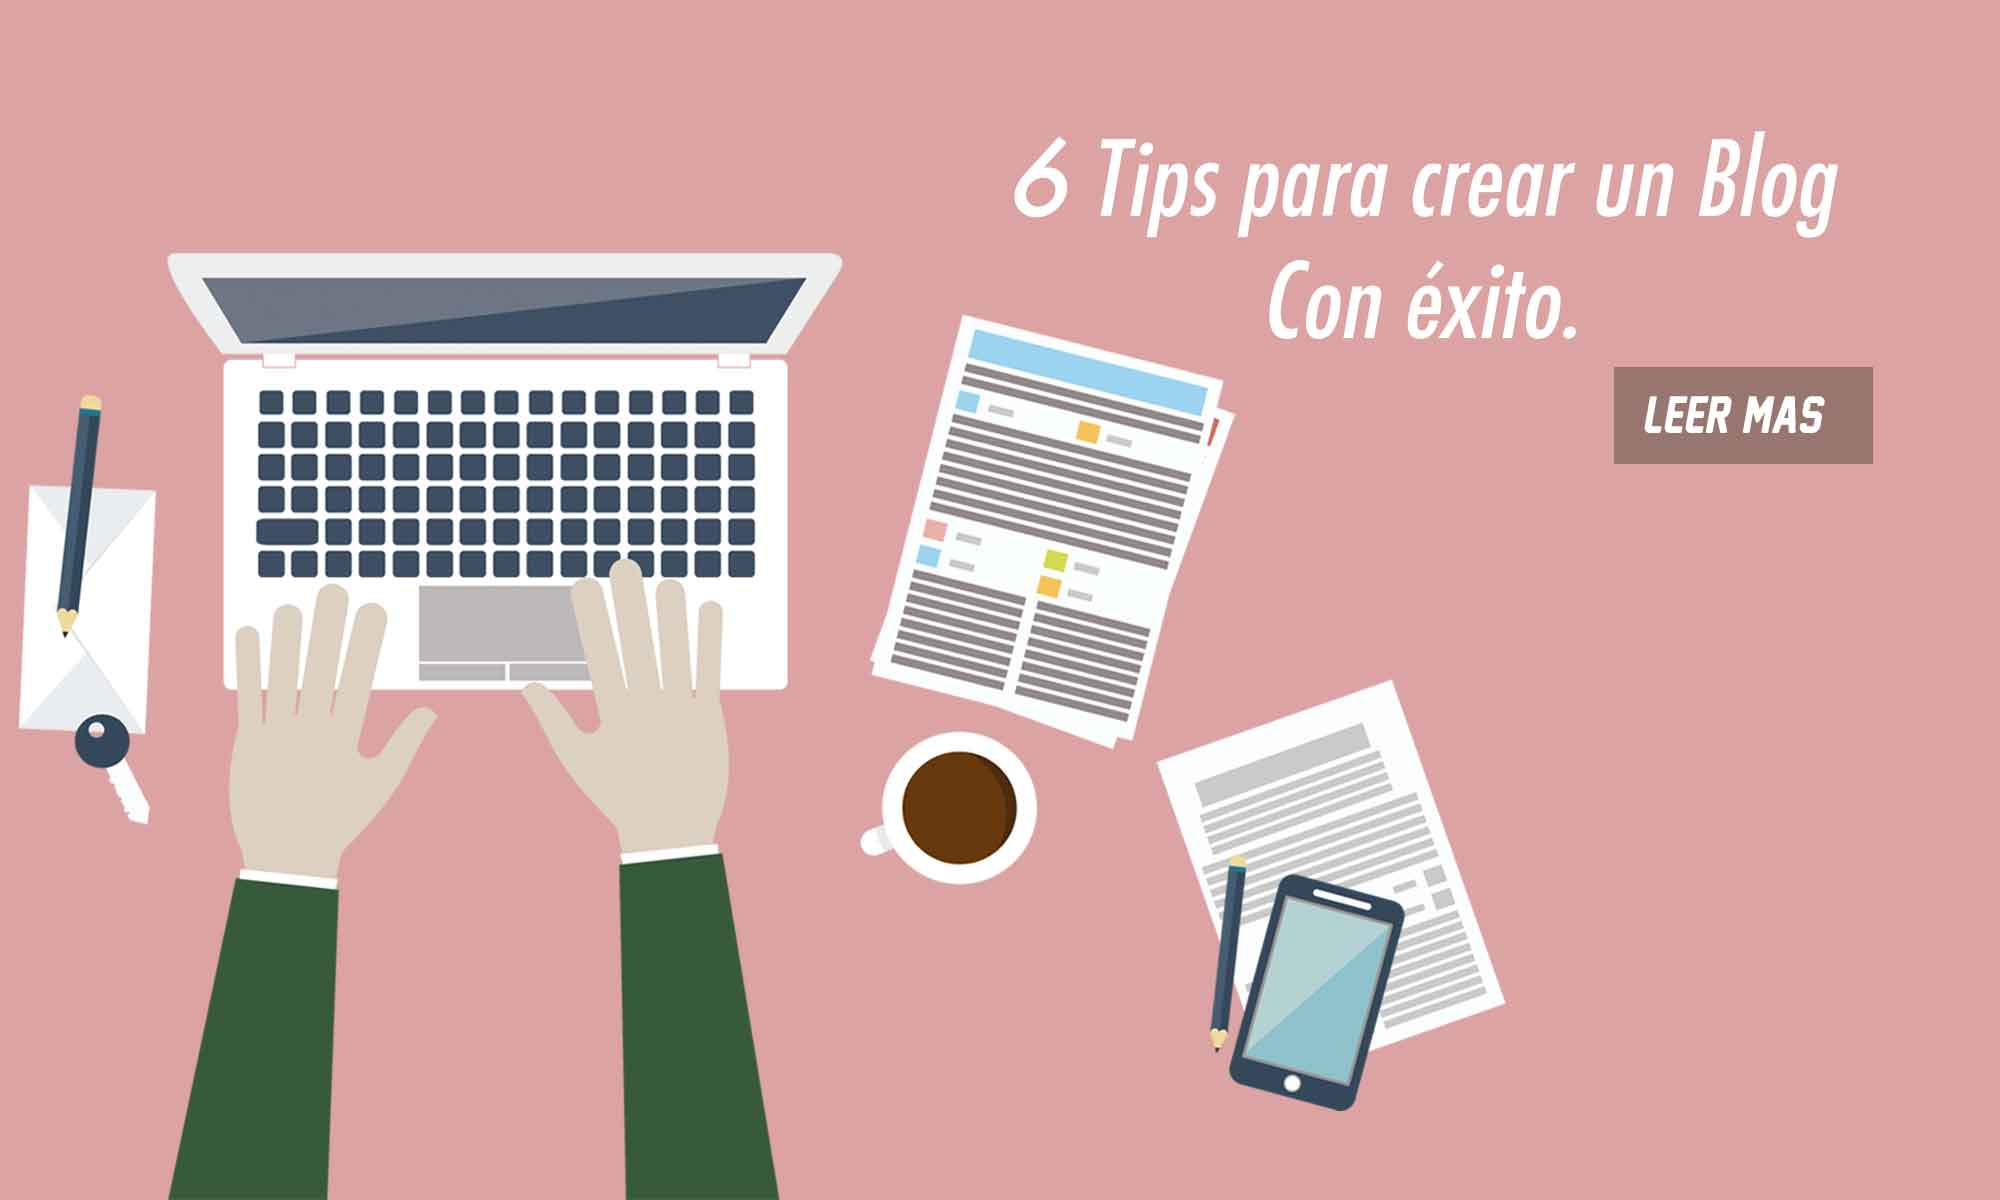 6 tips para crear un blog con exito